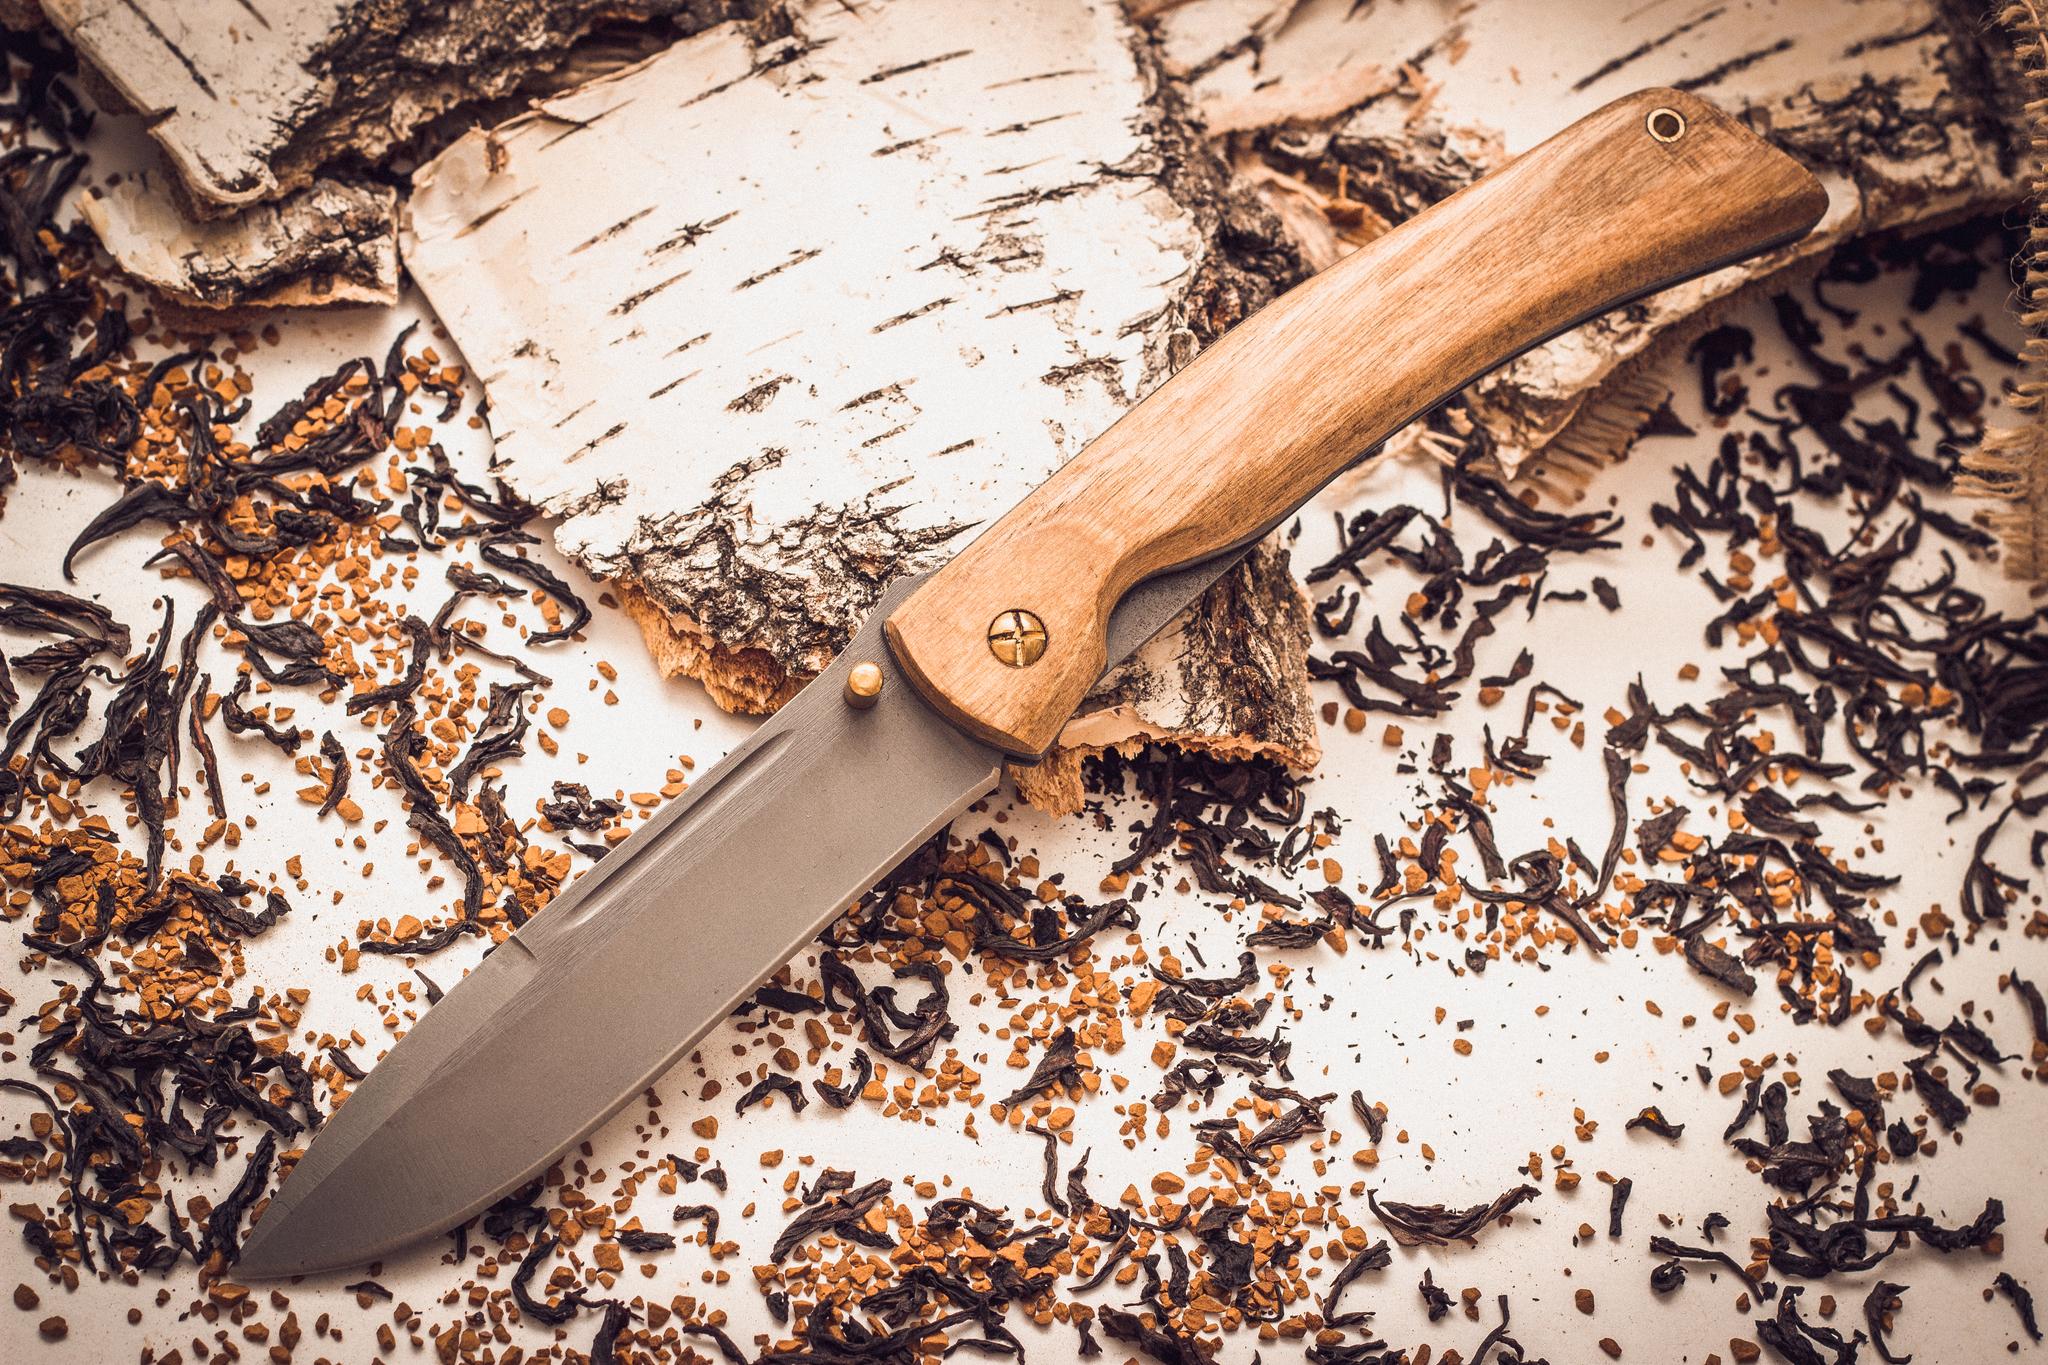 Складной нож Бродяга, сталь 95х18, орех от Марычев